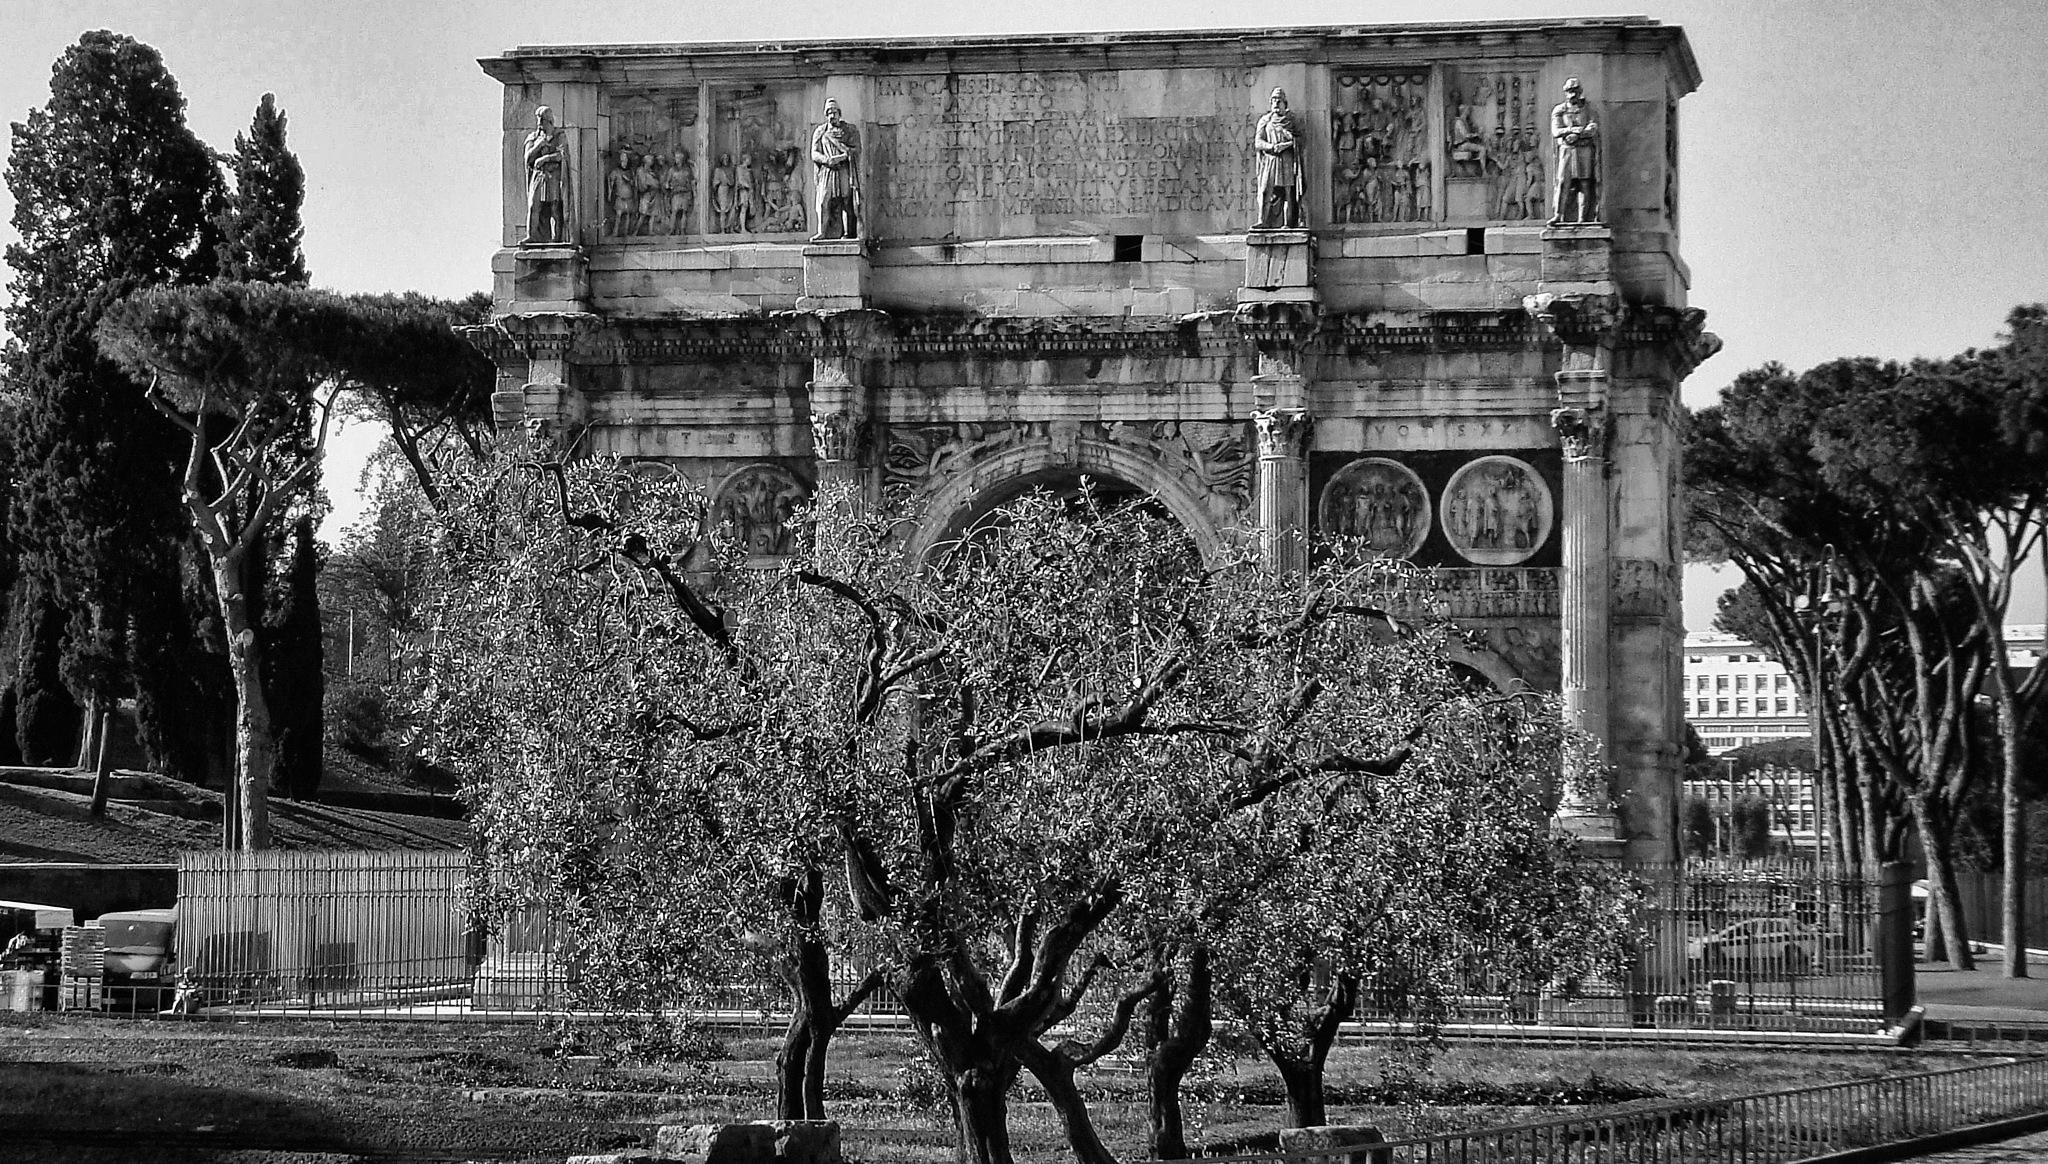 arco de constantino com árvores na frente by Fred Matos